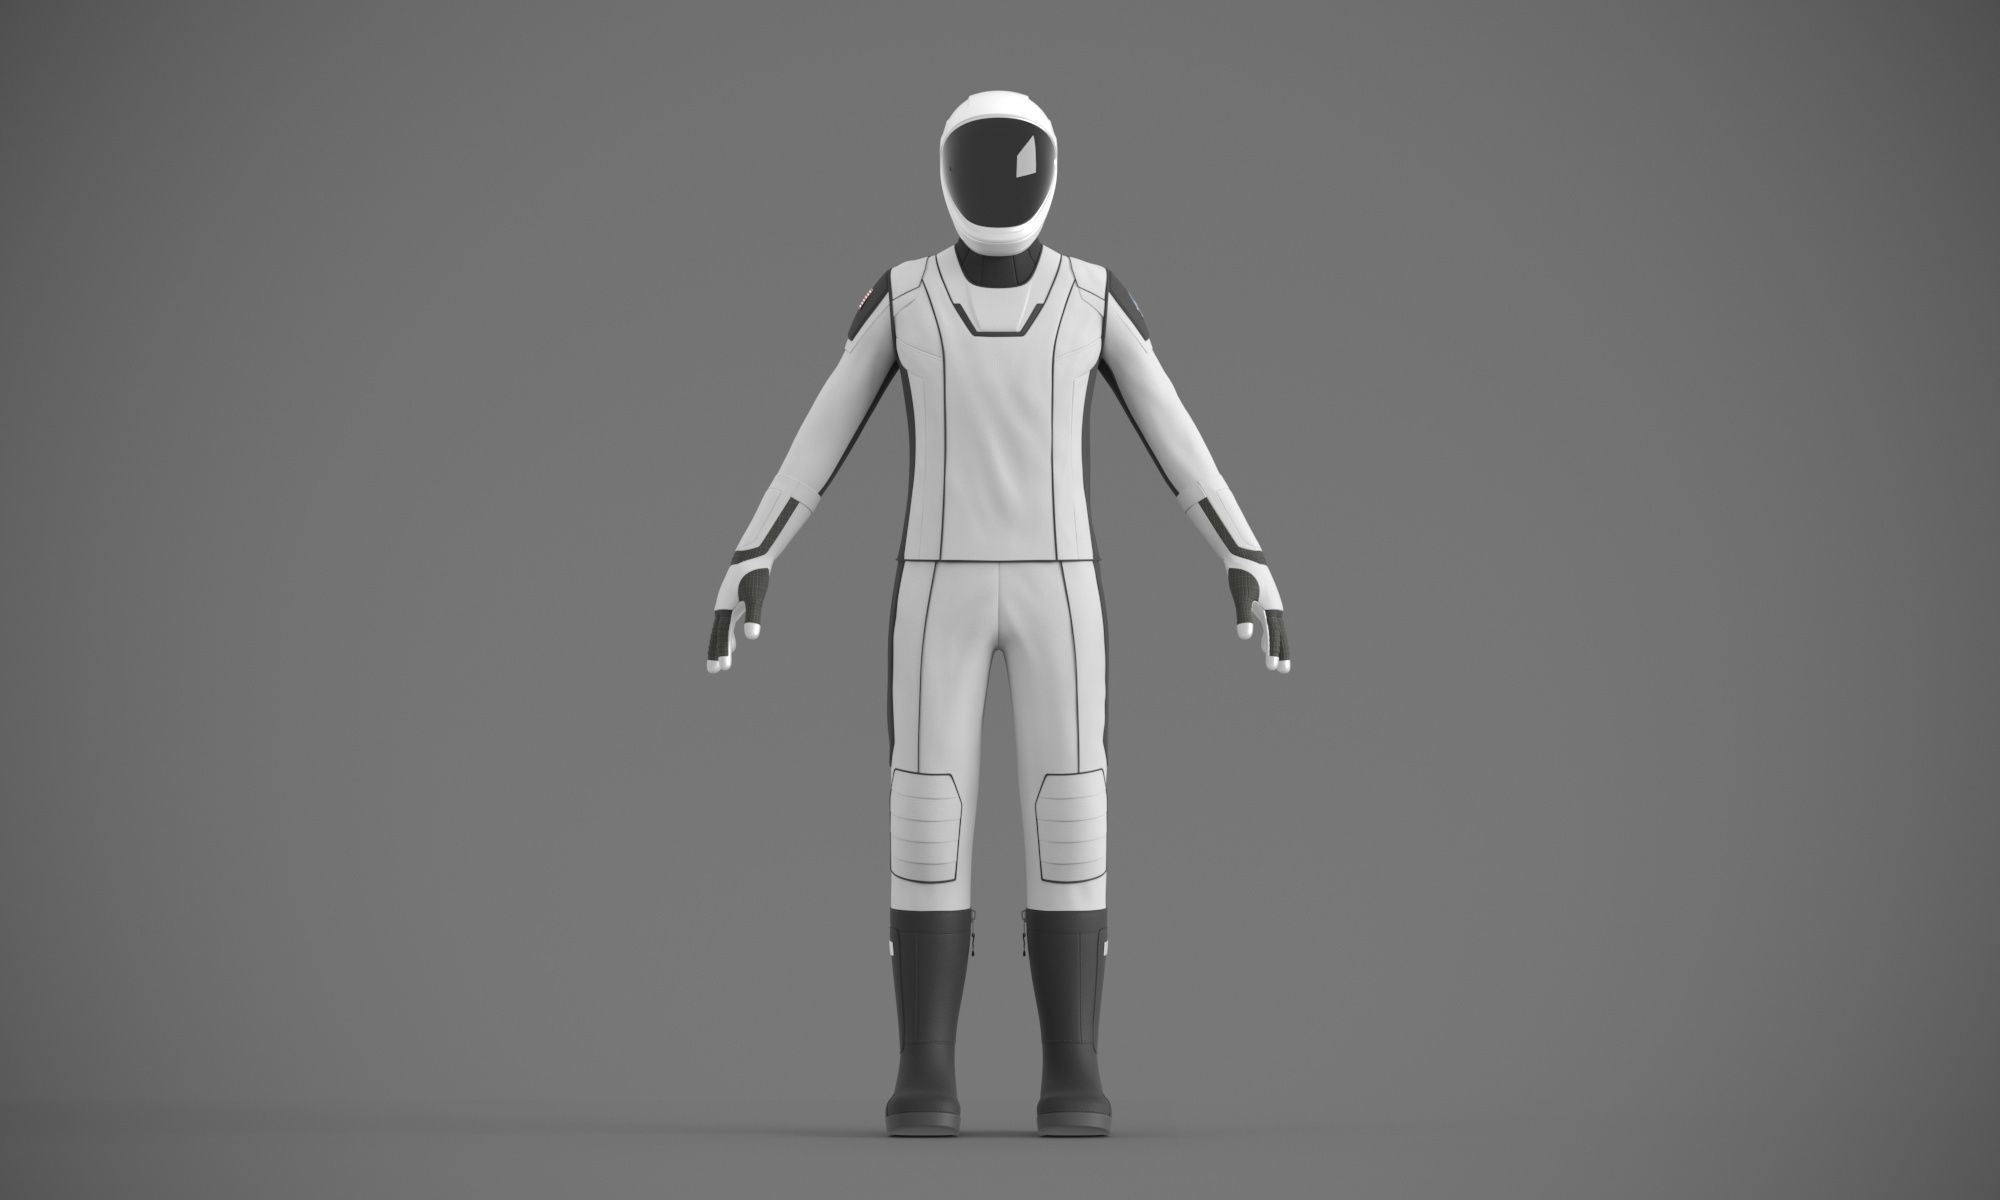 SpaceX spacesuit martian suit astronaut